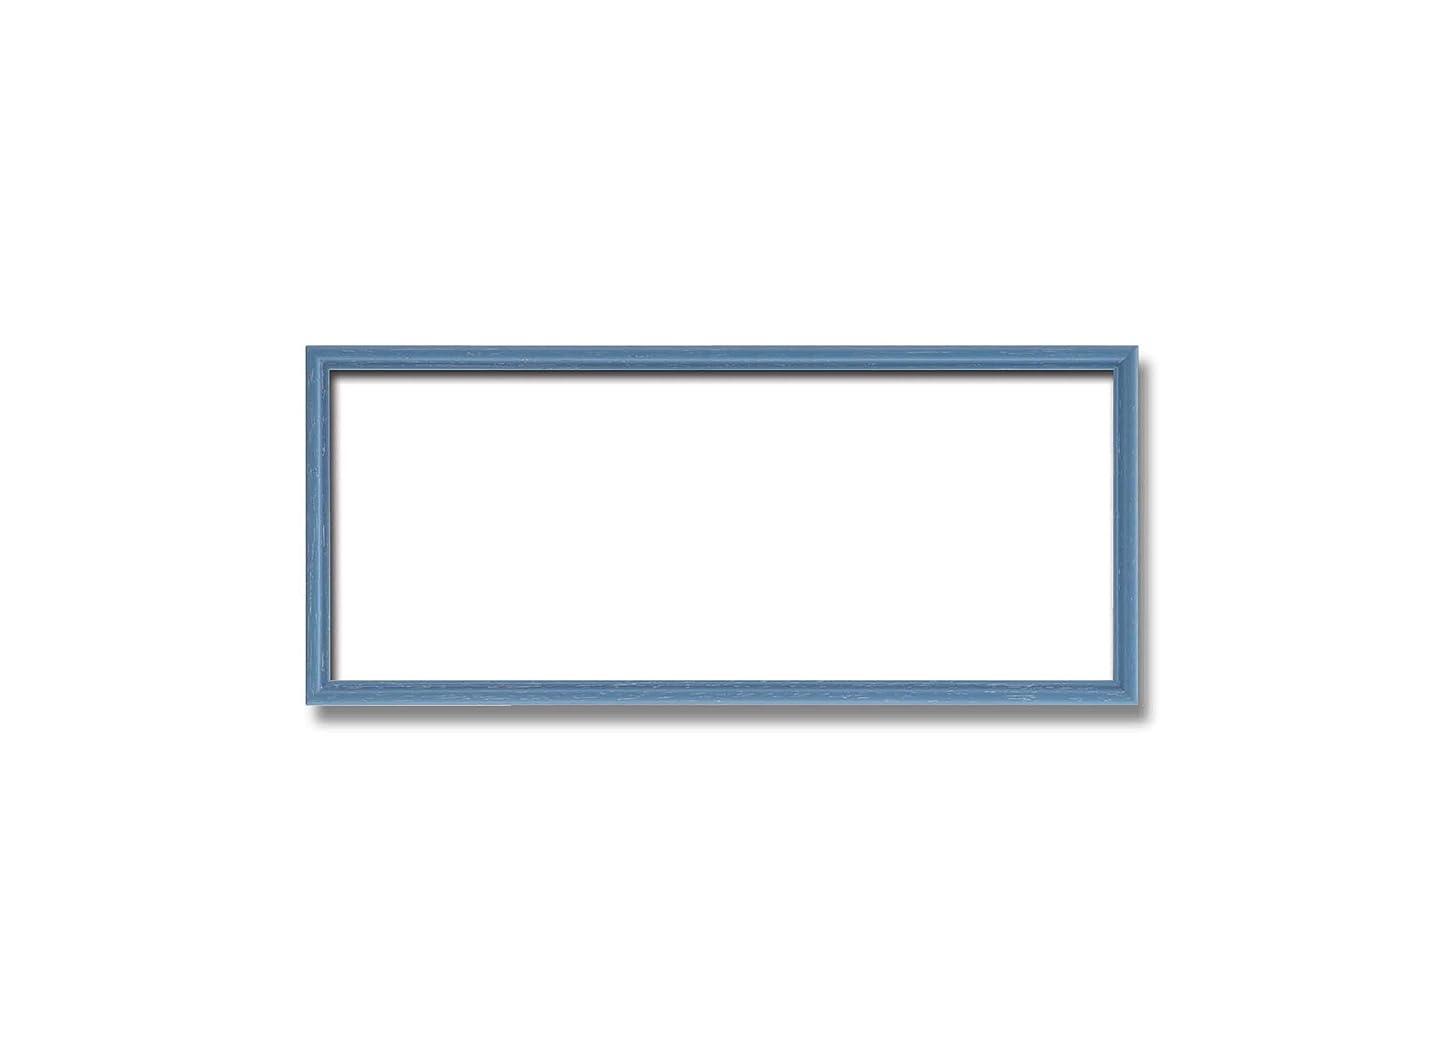 工業化するイディオムブースト【長方形額】木製額 縦横兼用額 カラー4色展開 ■カラー長方形額 (ブルー, 300×150mm)